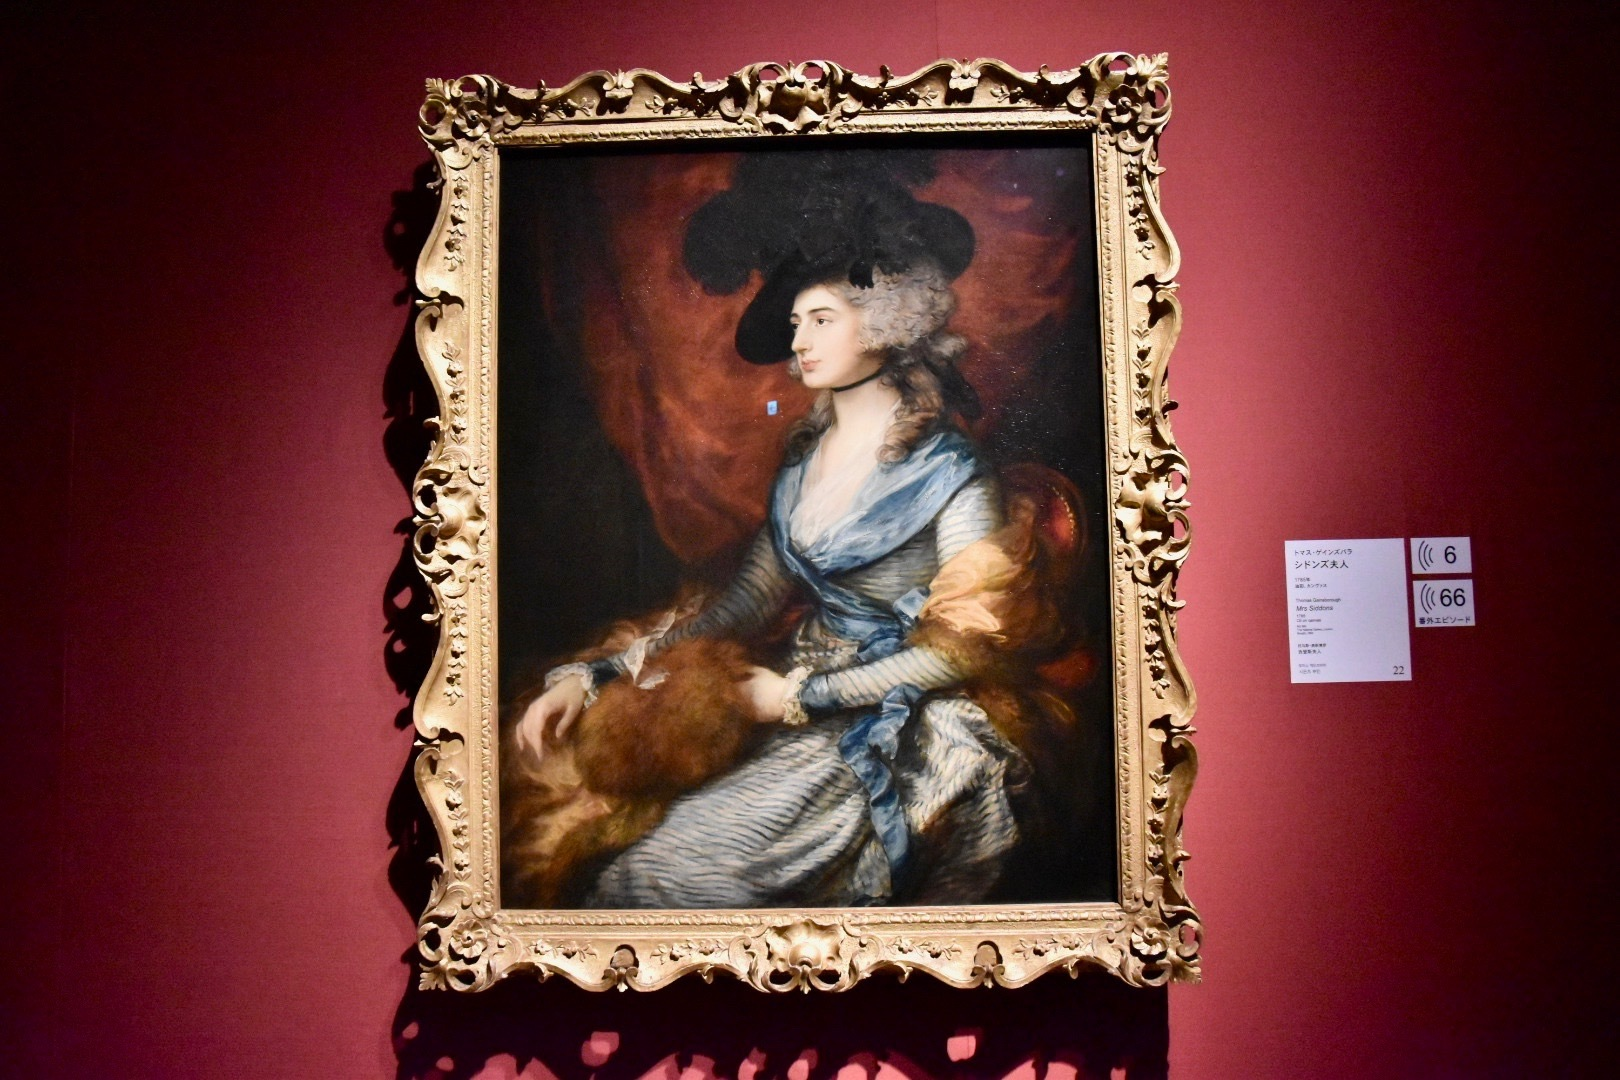 トマス・ゲインズバラ《シドンズ夫人》1785年